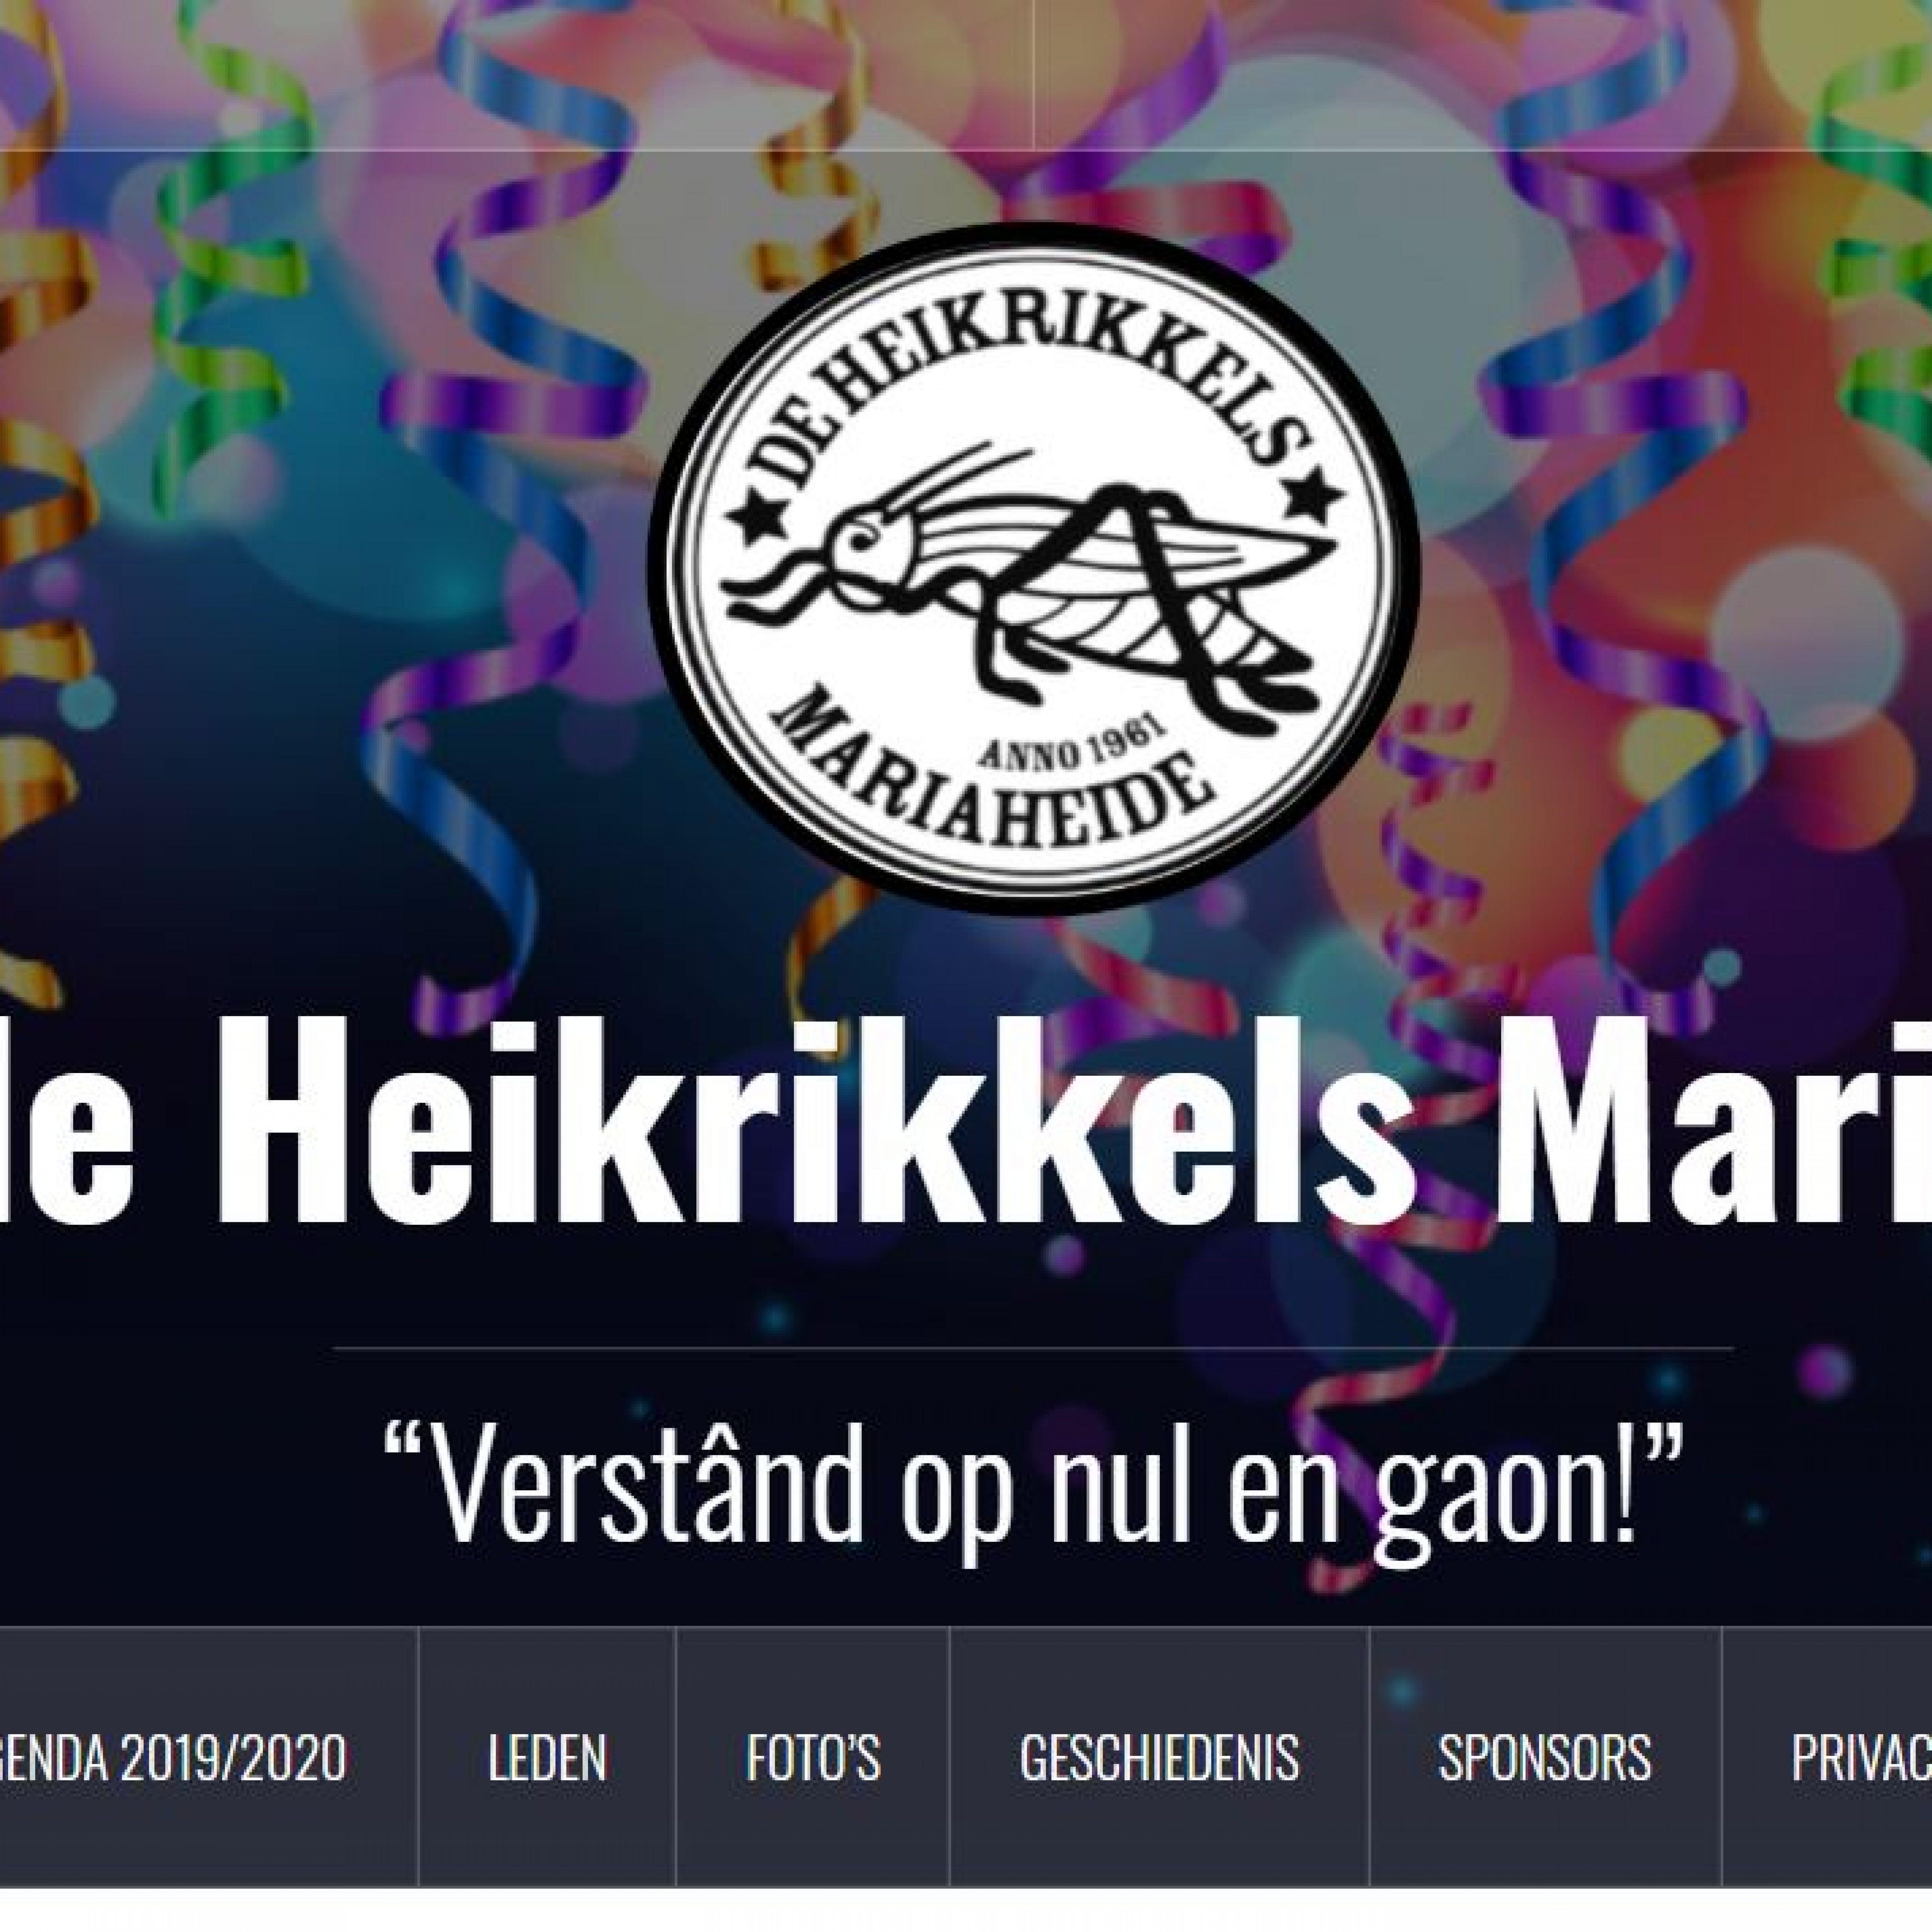 Website heikrikkels Mariaheide Veghel